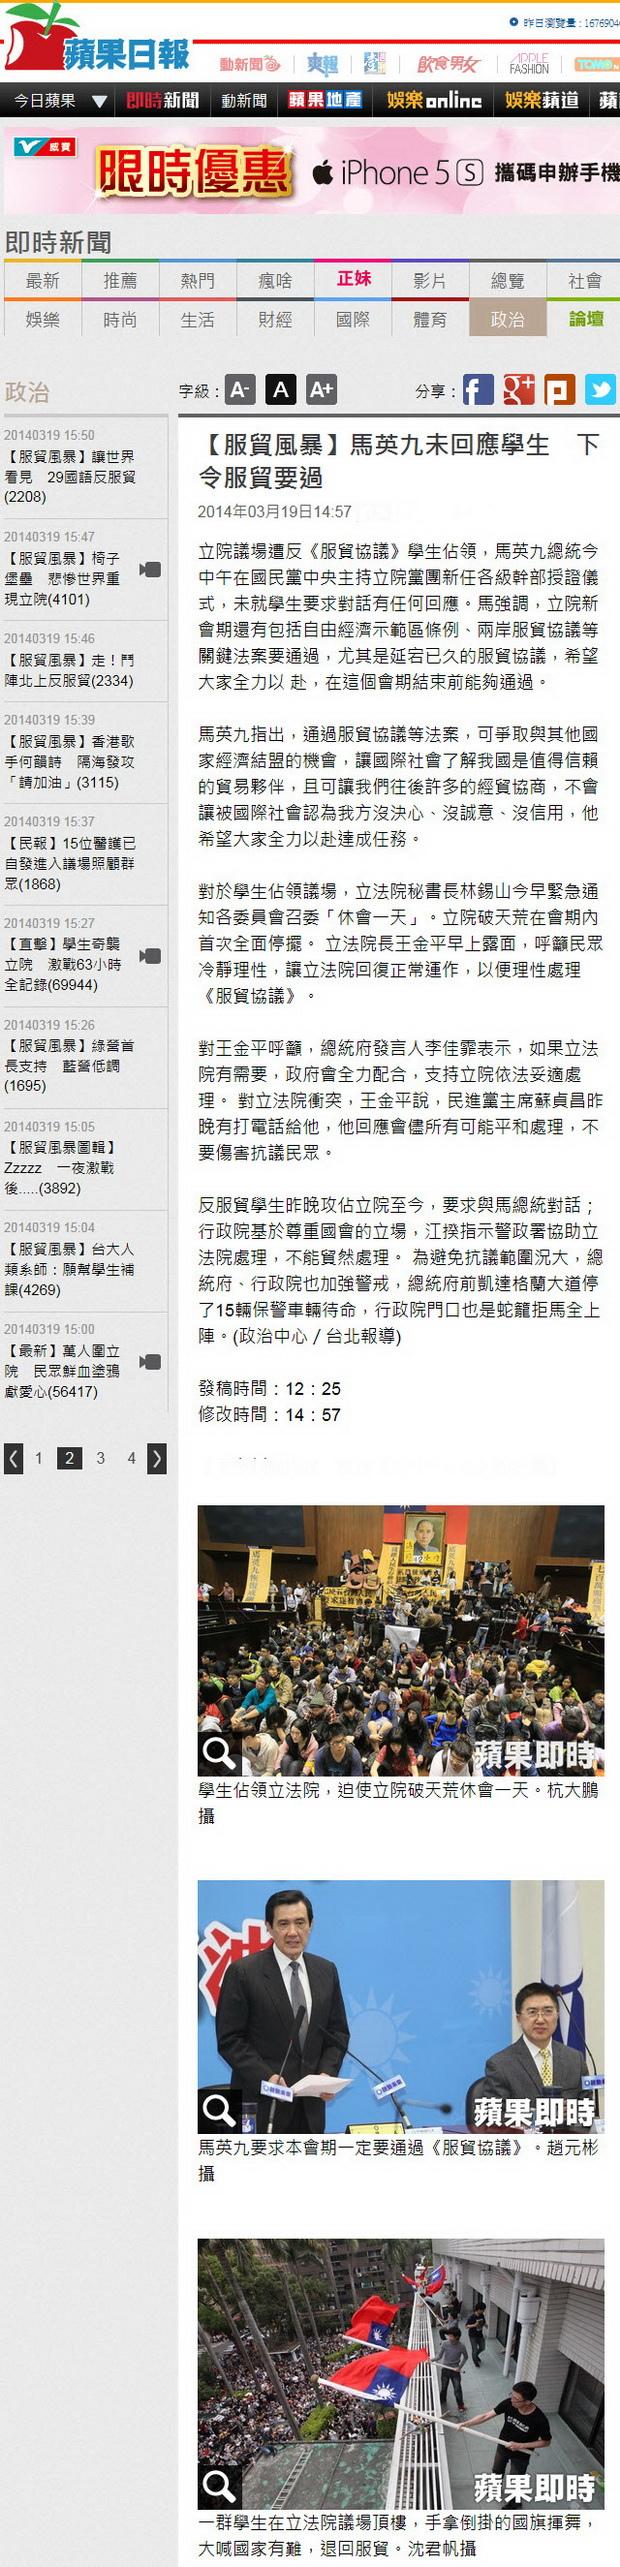 【服貿風暴】馬英九未回應學生 下令服貿要過-2014.03.19.jpg